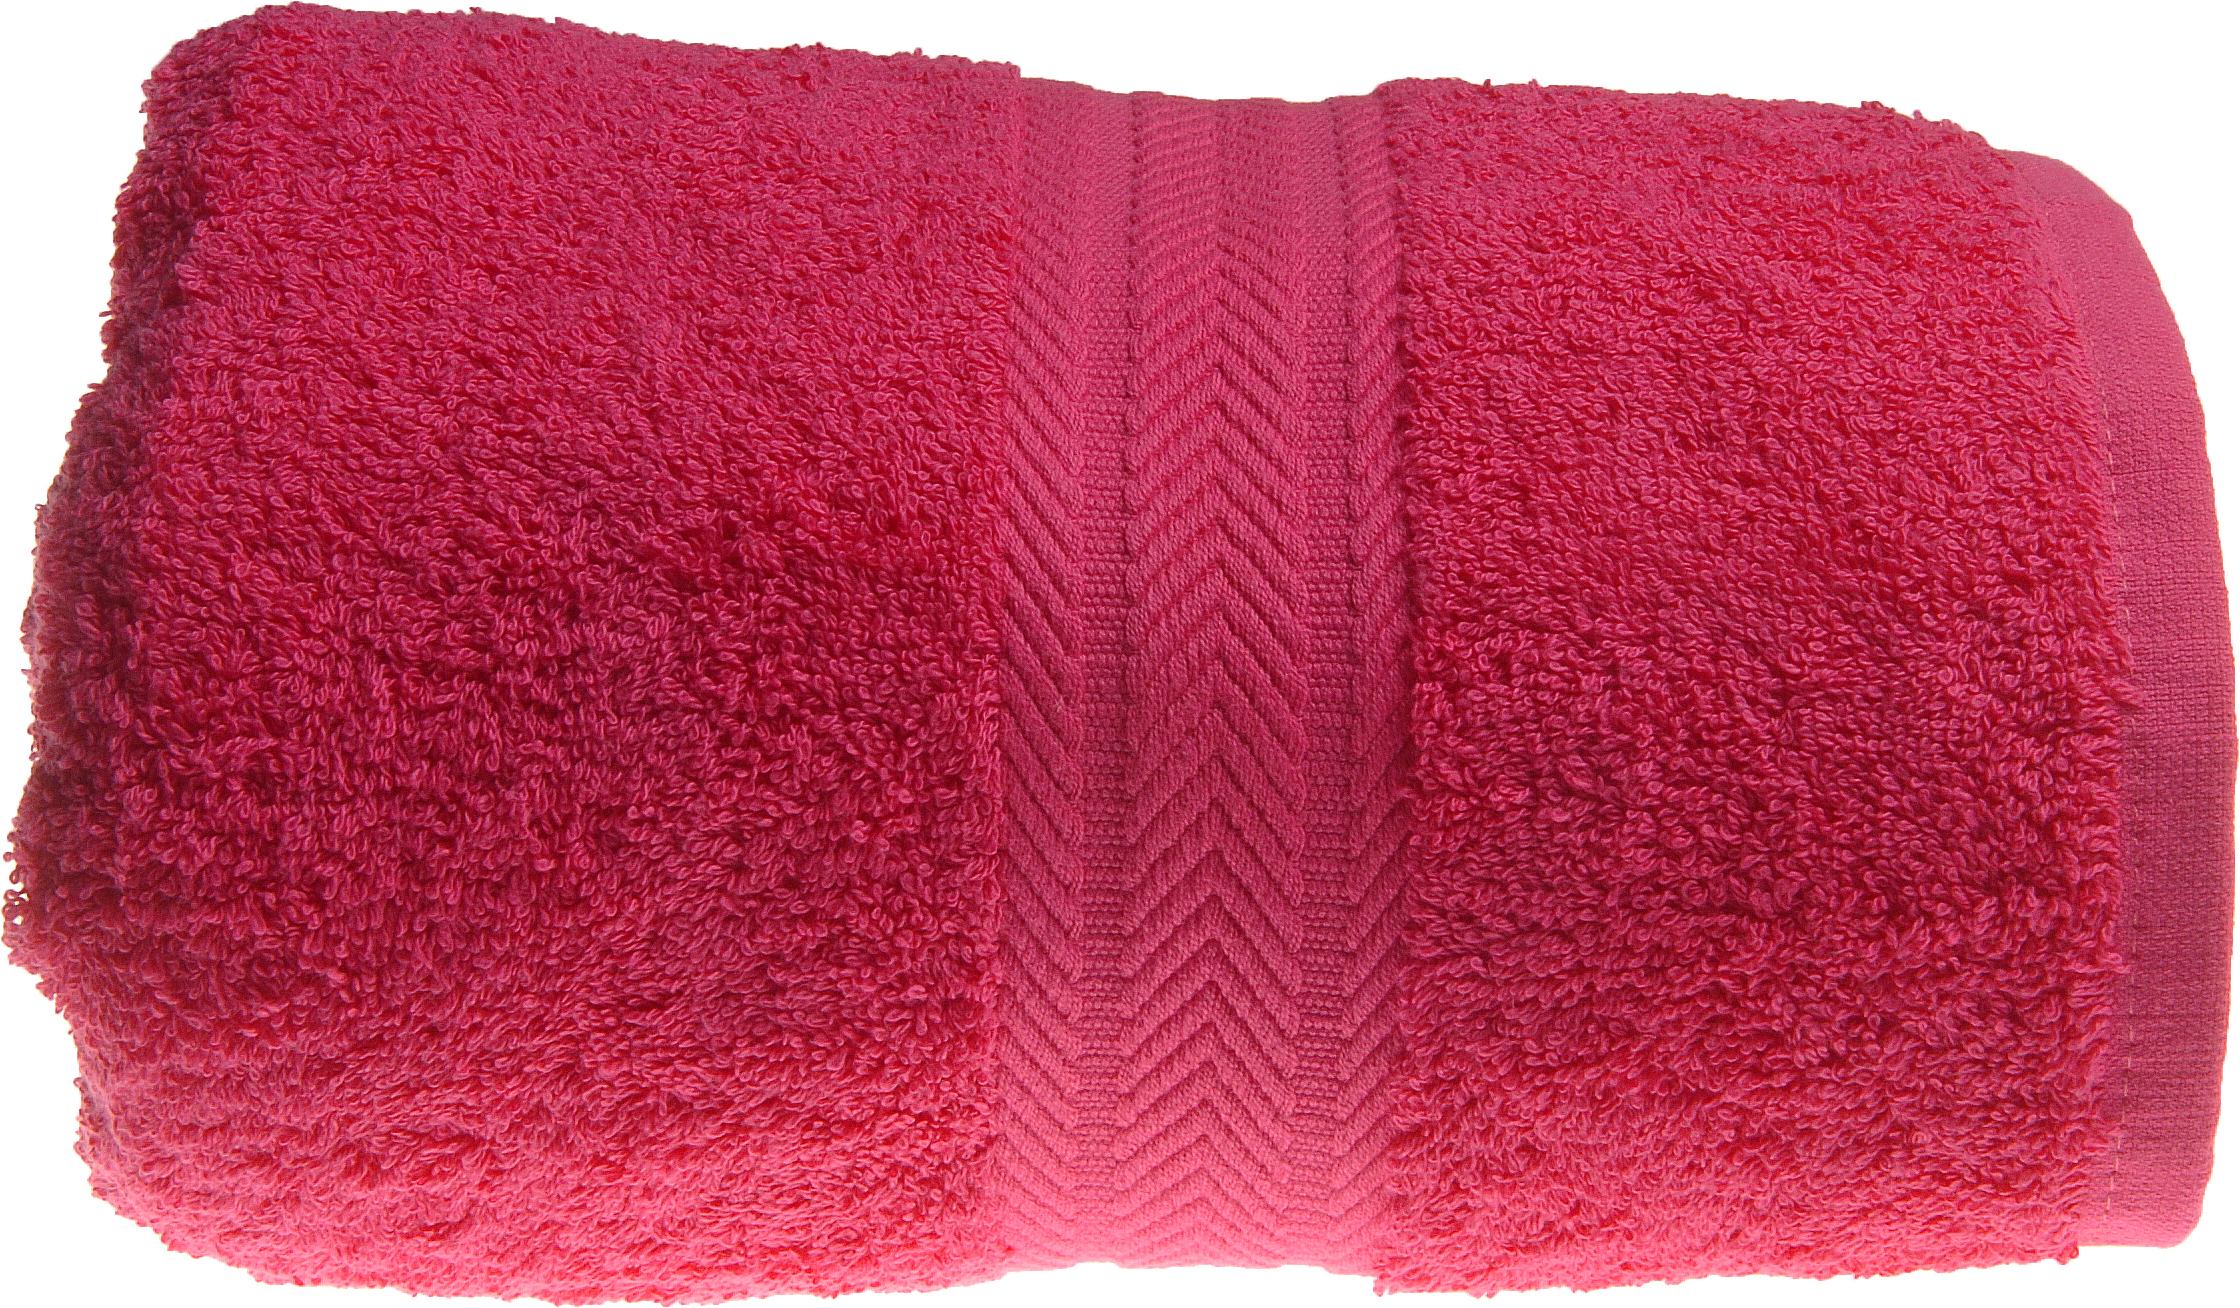 Drap de douche 70 x 140 cm en Coton couleur Rose indien (Rose Indien)